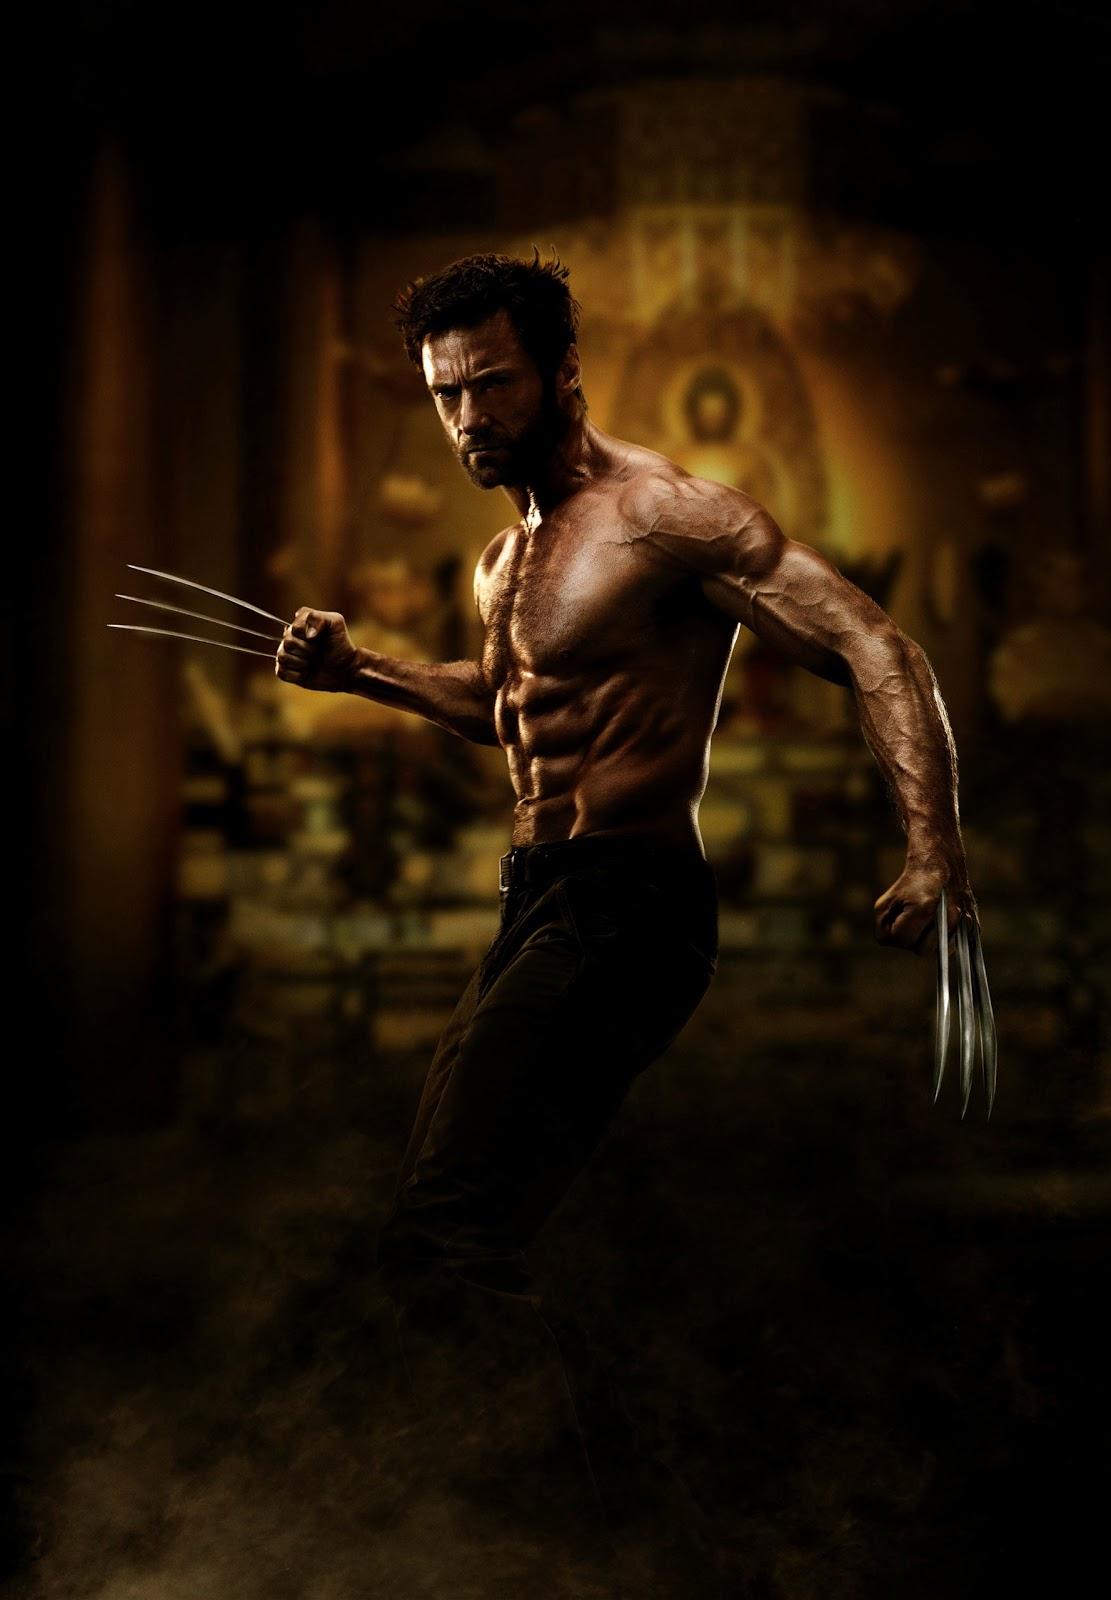 http://1.bp.blogspot.com/-nttNIqt6EUE/UKu4D1_bIrI/AAAAAAAAAF4/-Ygk5r5vsOk/s1600/Hugh-Jackman-The-Wolverine1.jpg